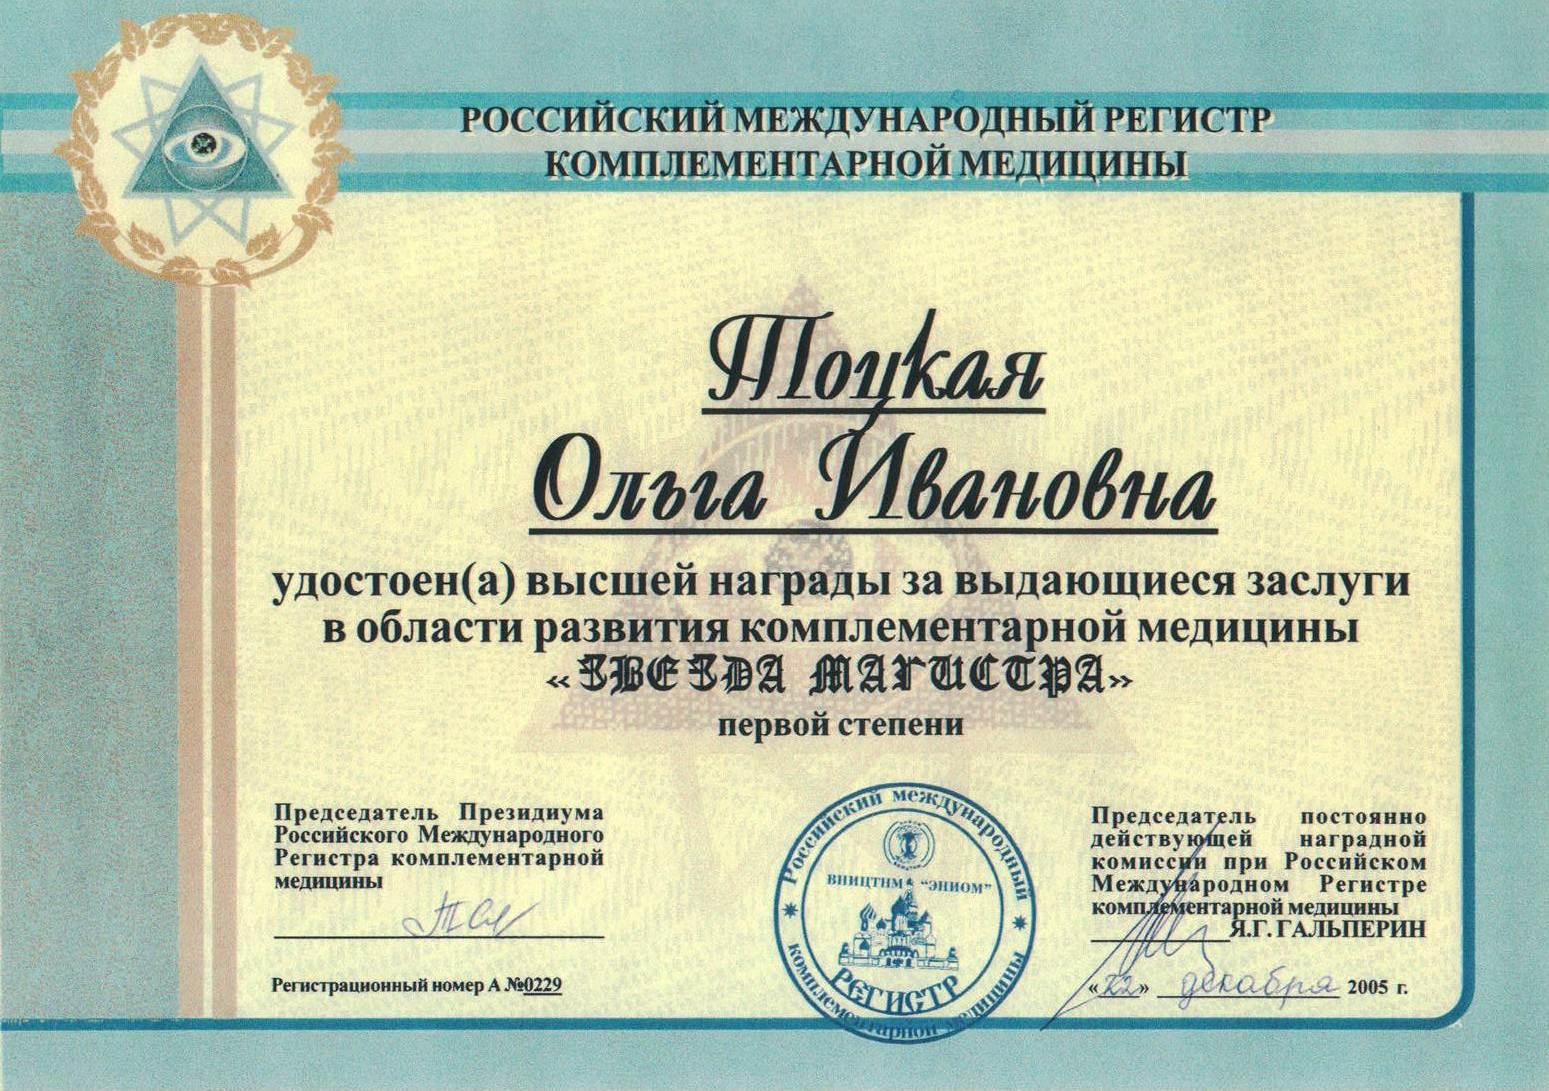 Свидетельство о высшей награде за выдающиеся заслуги в области комплиментарной медицины